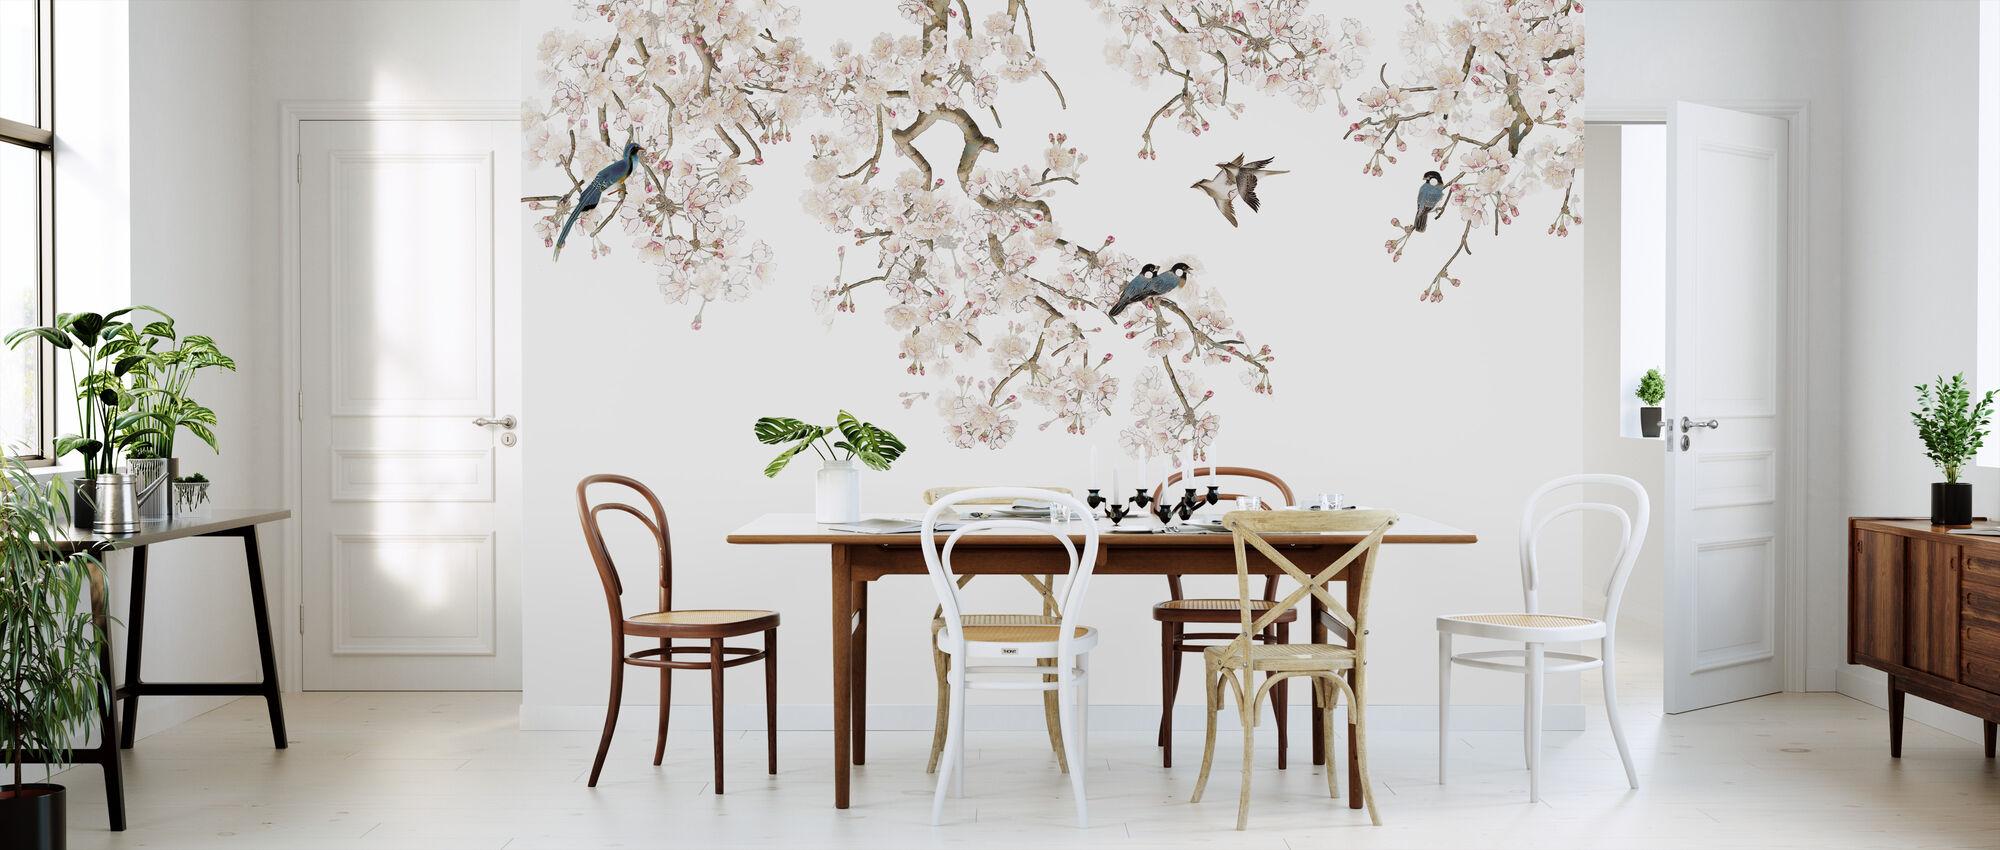 Fugler hangout - Tapet - Kjøkken